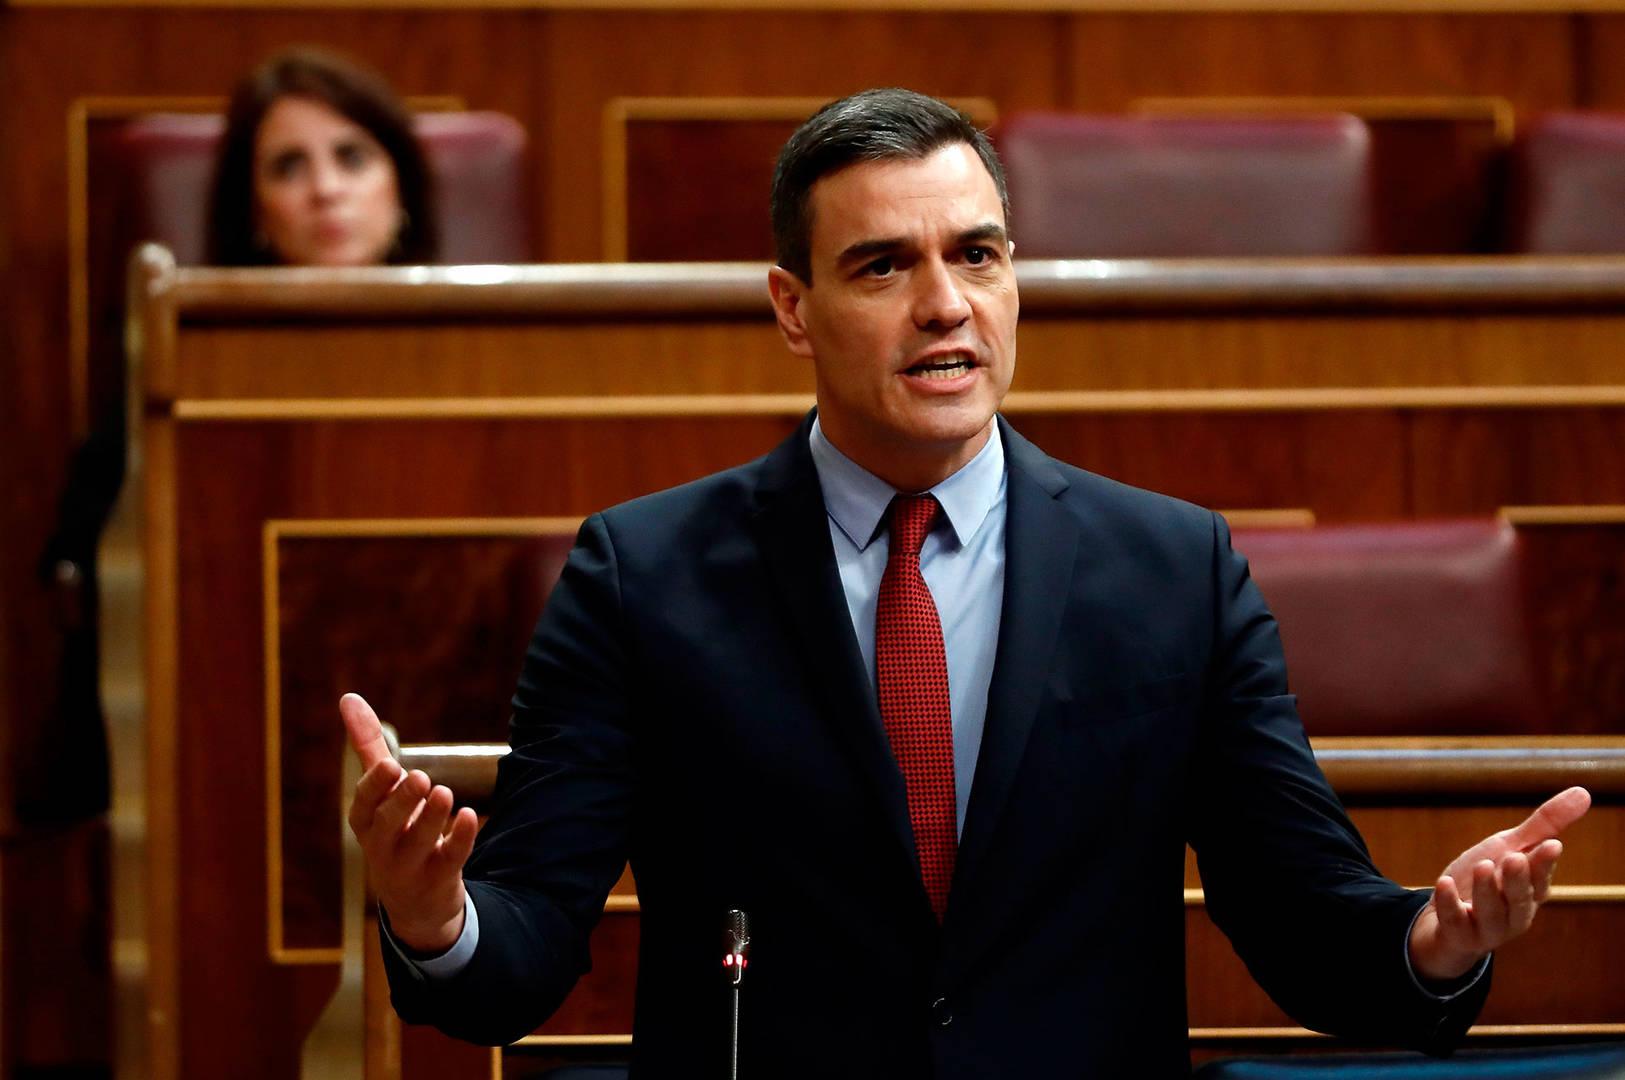 إسبانيا تعلن انتهاء حالة الطوارئ وسانشيز يحذر من موجة ثانية لفيروس كورونا